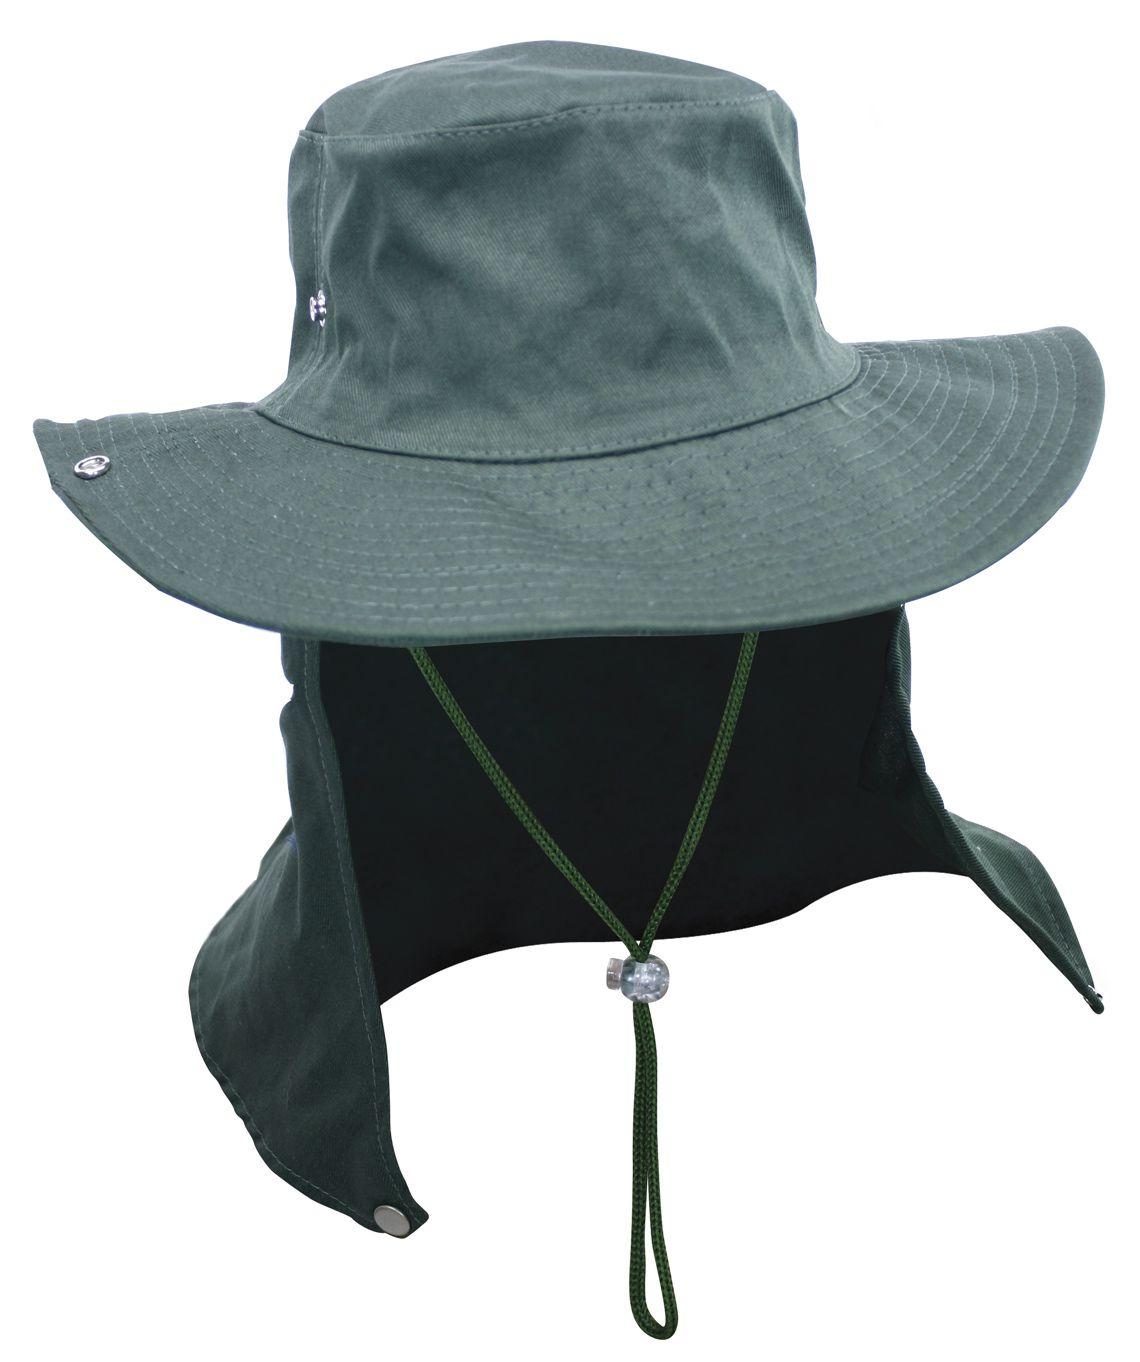 Chapéu Pescador JOGÁ - C/ Protetor De Nuca  - Life Pesca - Sua loja de Pesca, Camping e Lazer